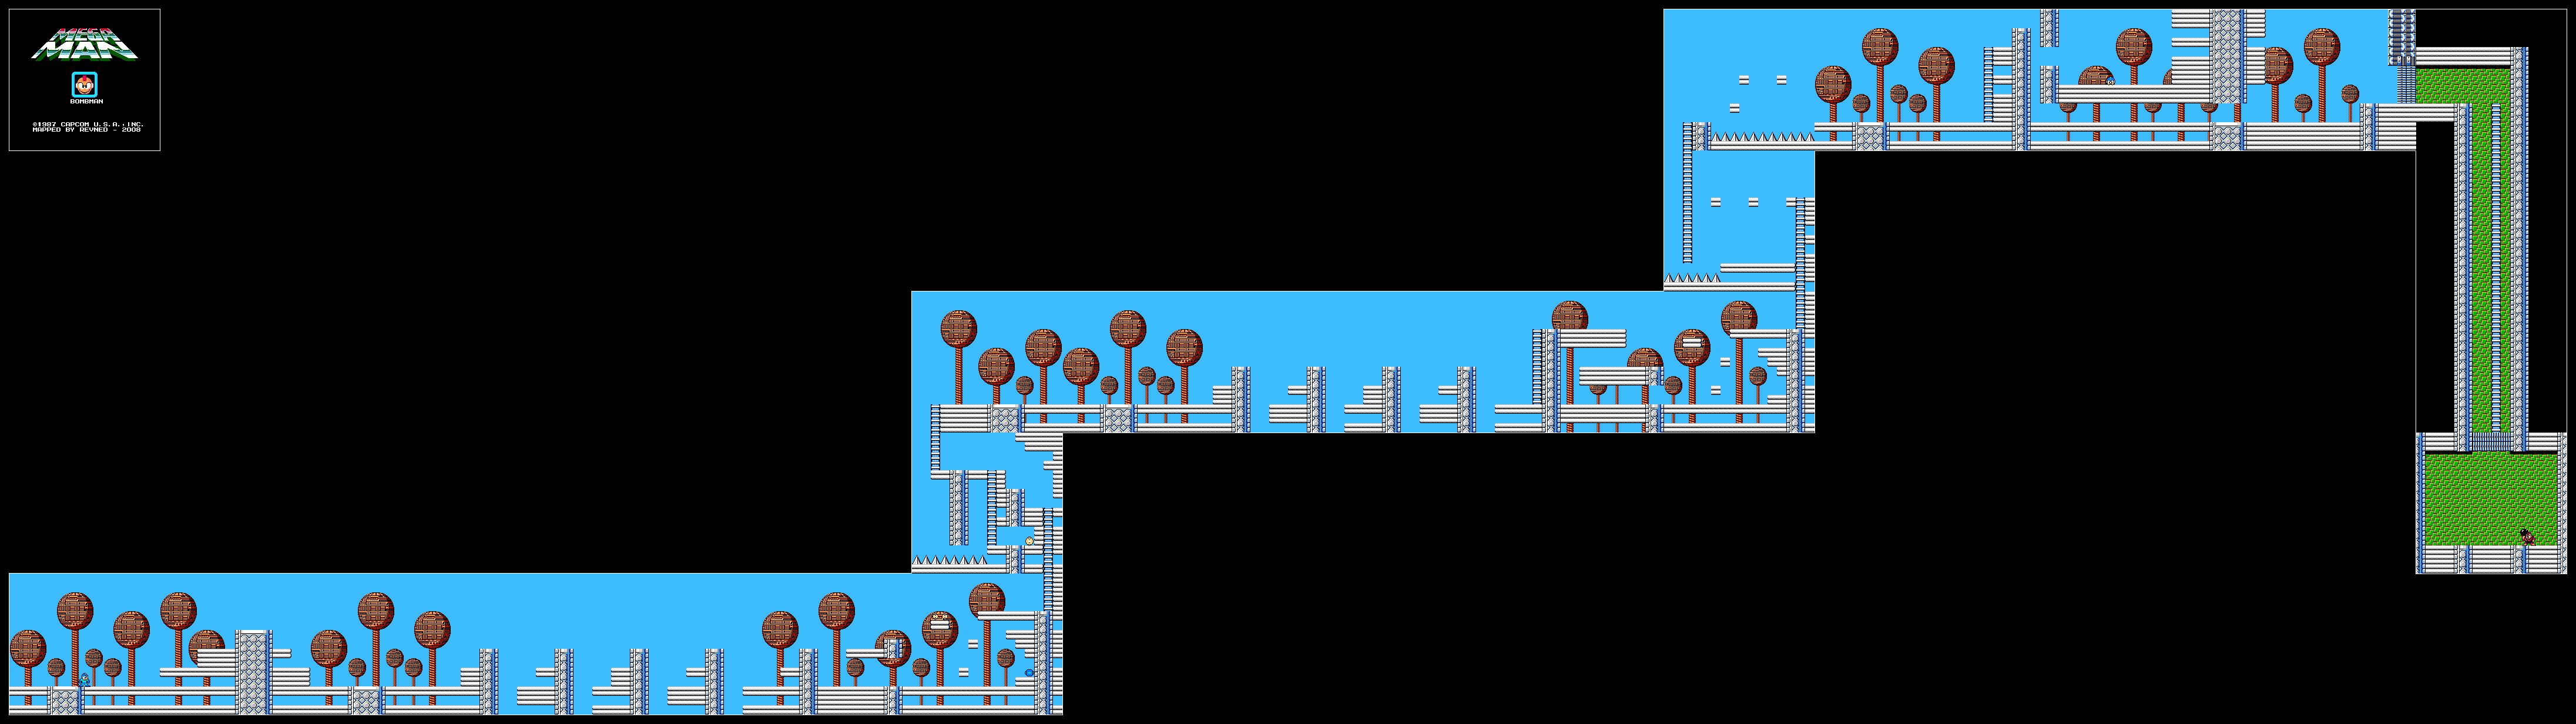 Mega Man - Revned's Video Game Maps Man Maps on element man, marker man, service man, information man, weather man, travel man, math man, phone man, sextant man, mat man, profile man, facebook man, pak man, maz man, google street view man, painting man, grid man, hybrid man, drawing man, web man,